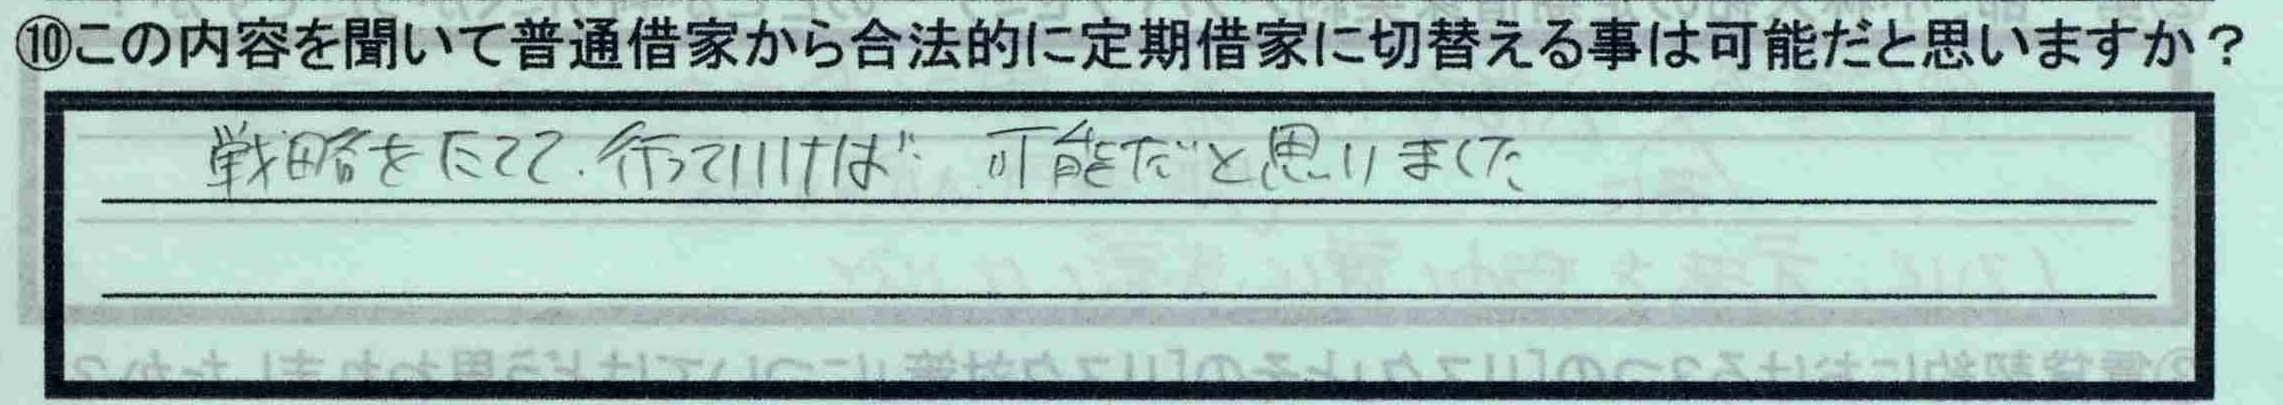 【東京都町田市】【塚田茂さん】【切替可能か?】